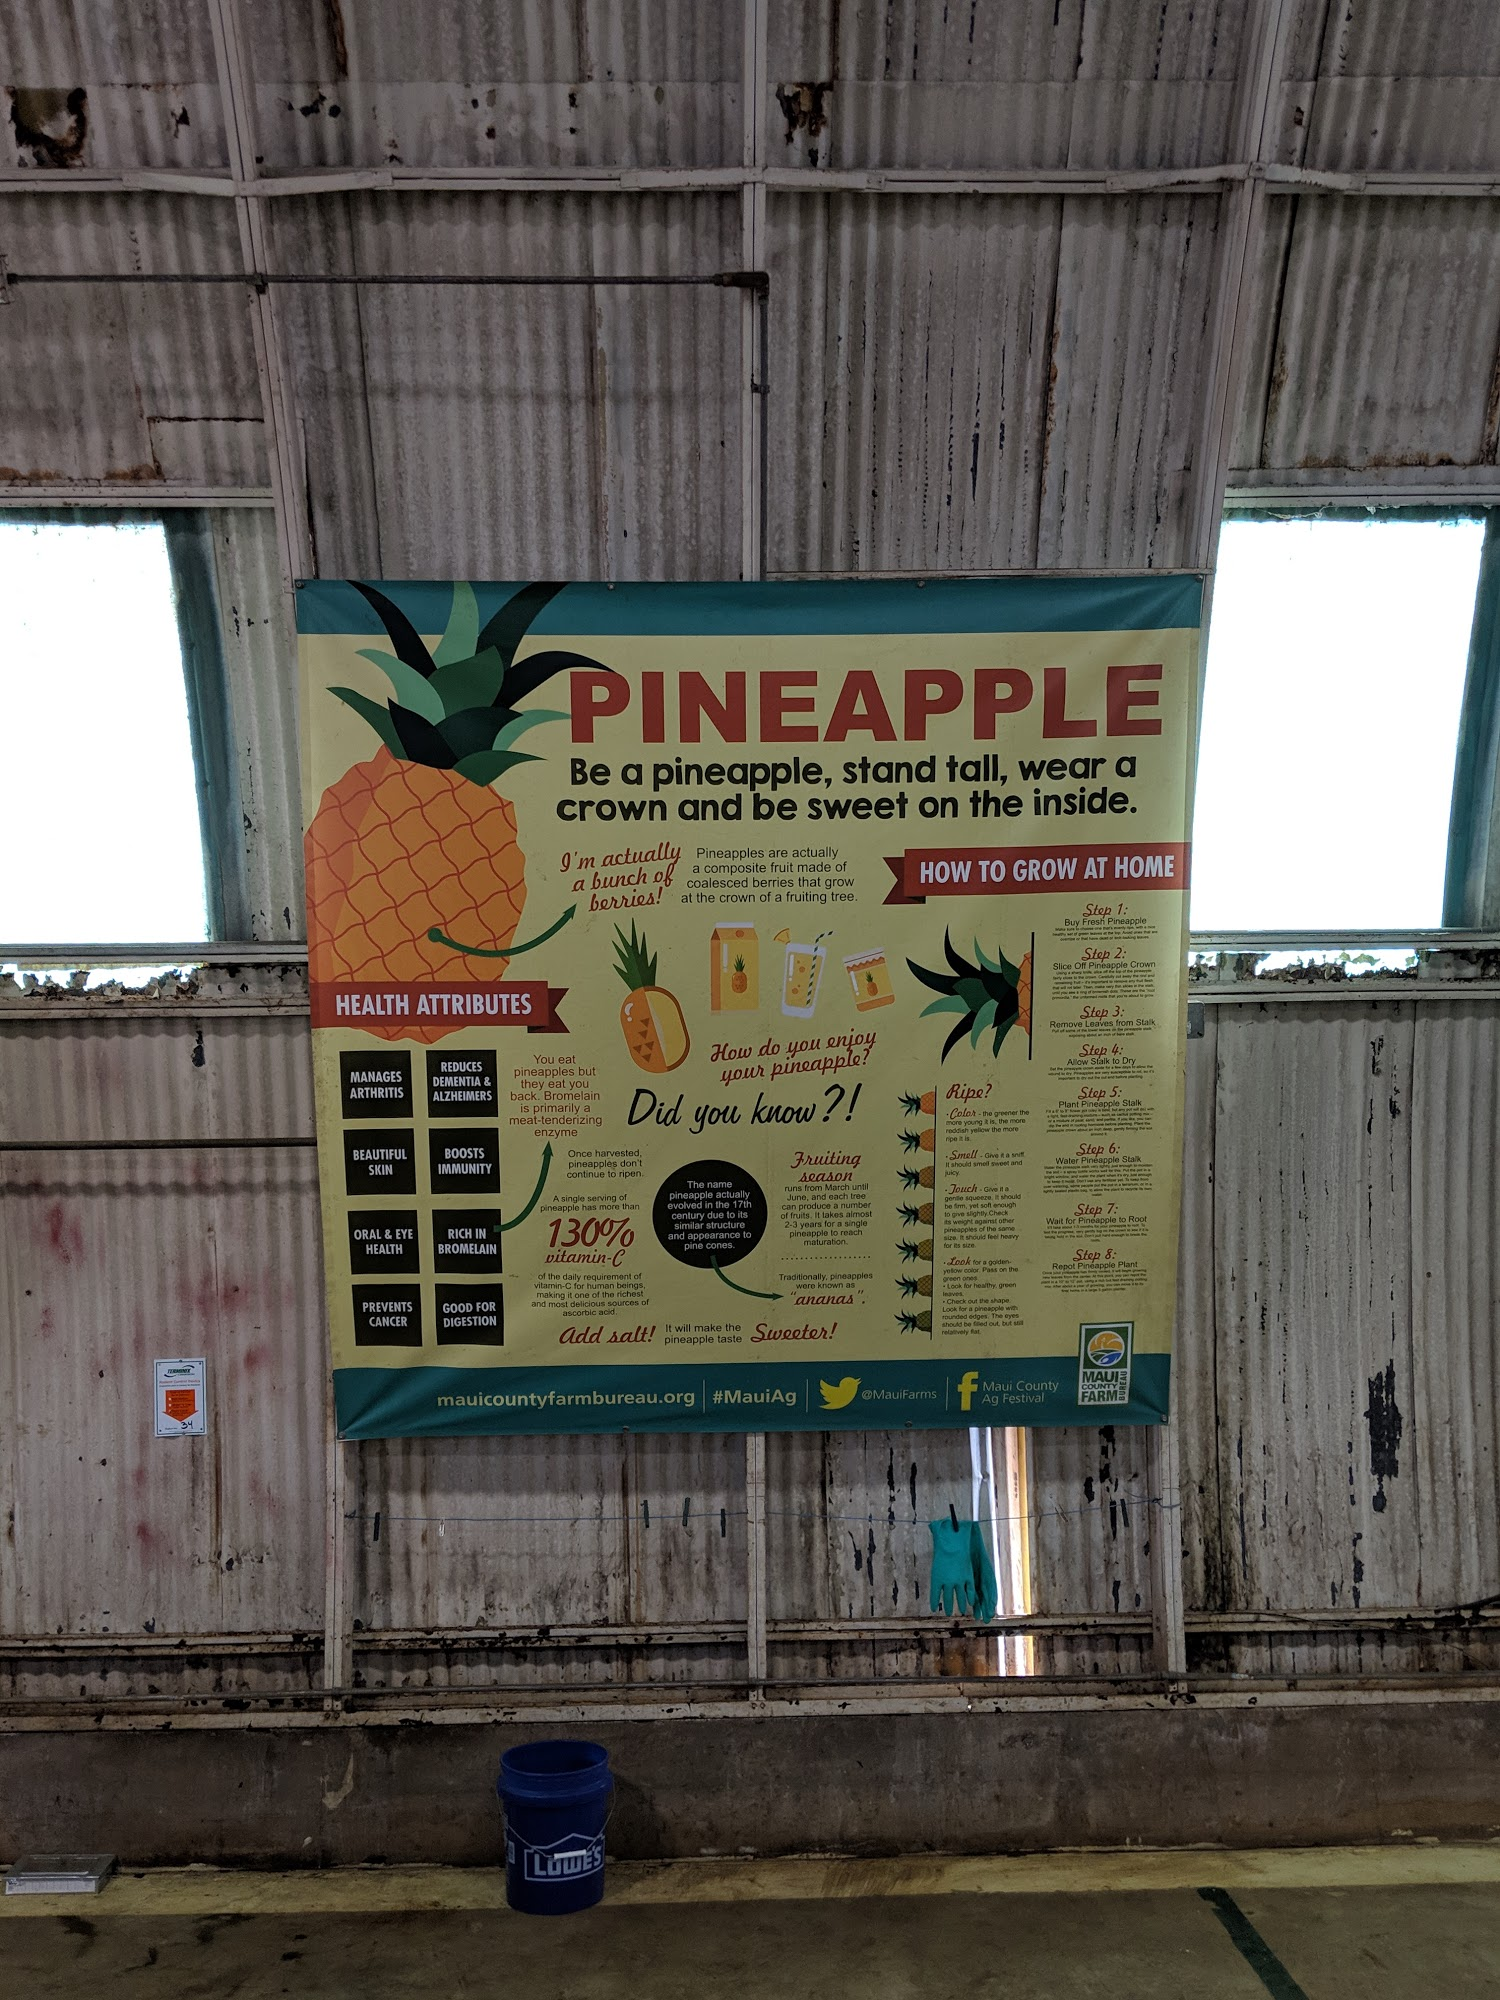 Haliimaile Pineapple Co Ltd